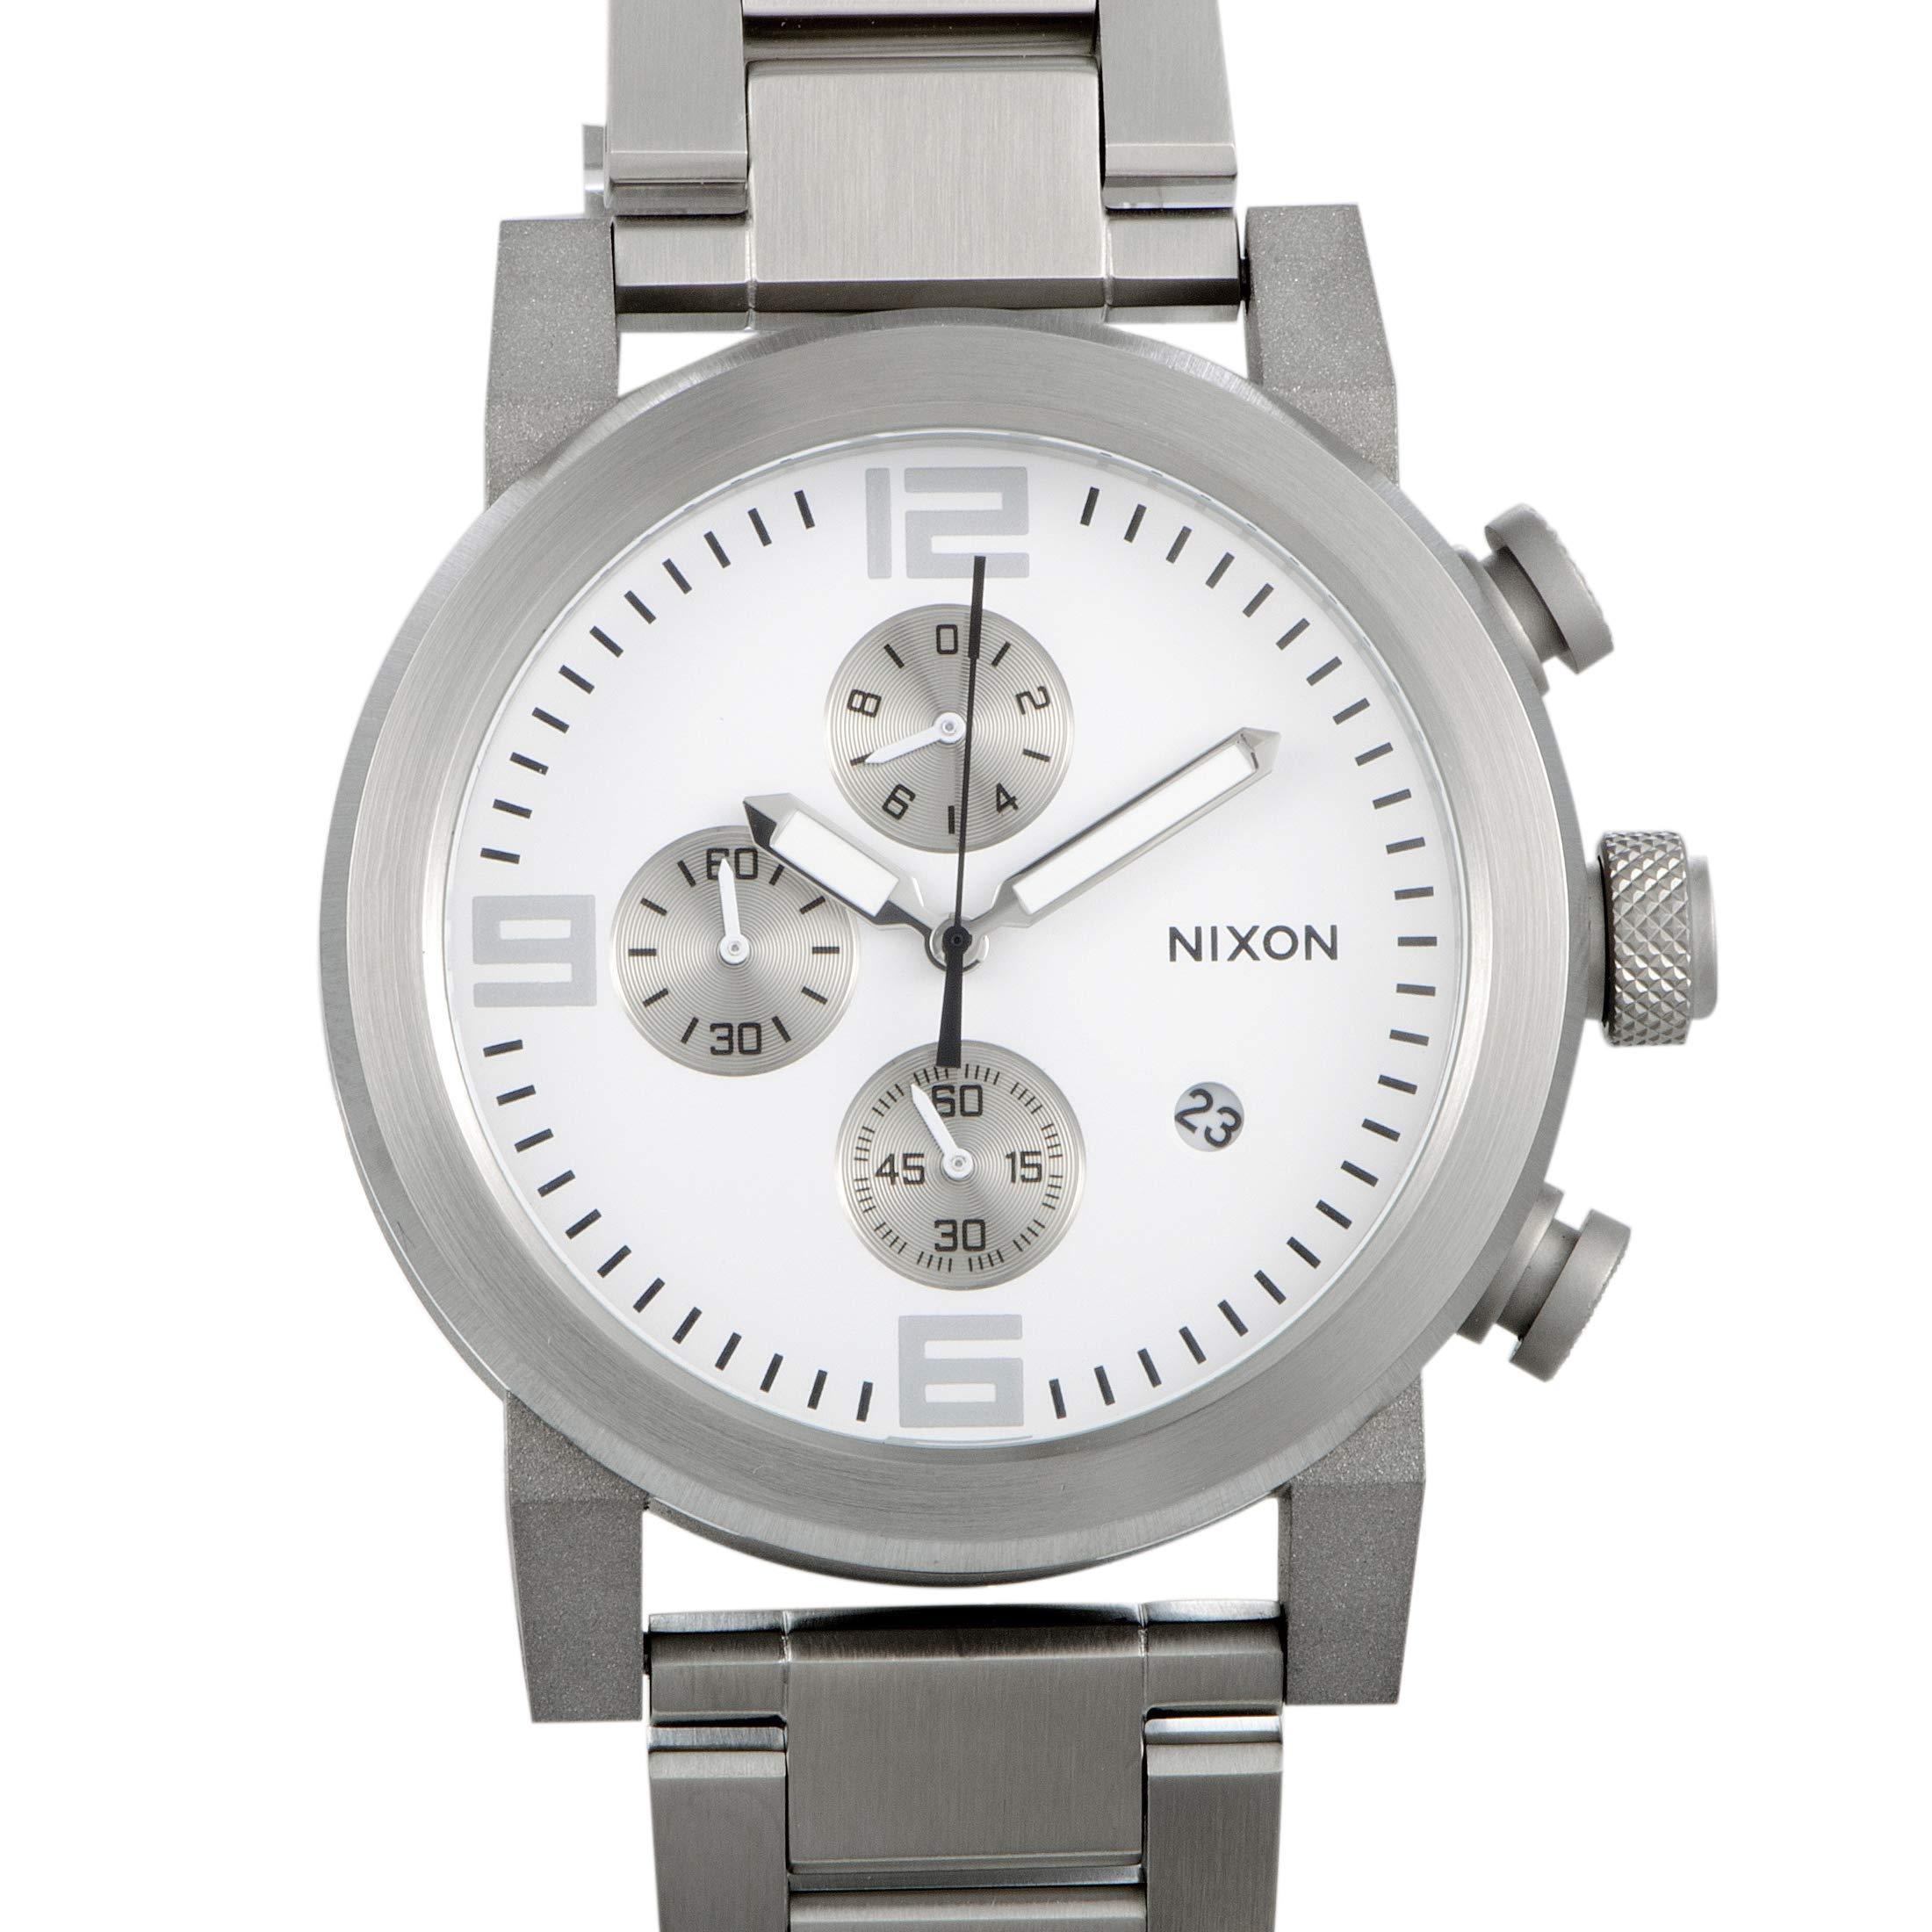 Nixon Men's Quartz Watch Ride SS A347100-00 with Metal Strap by NIXON